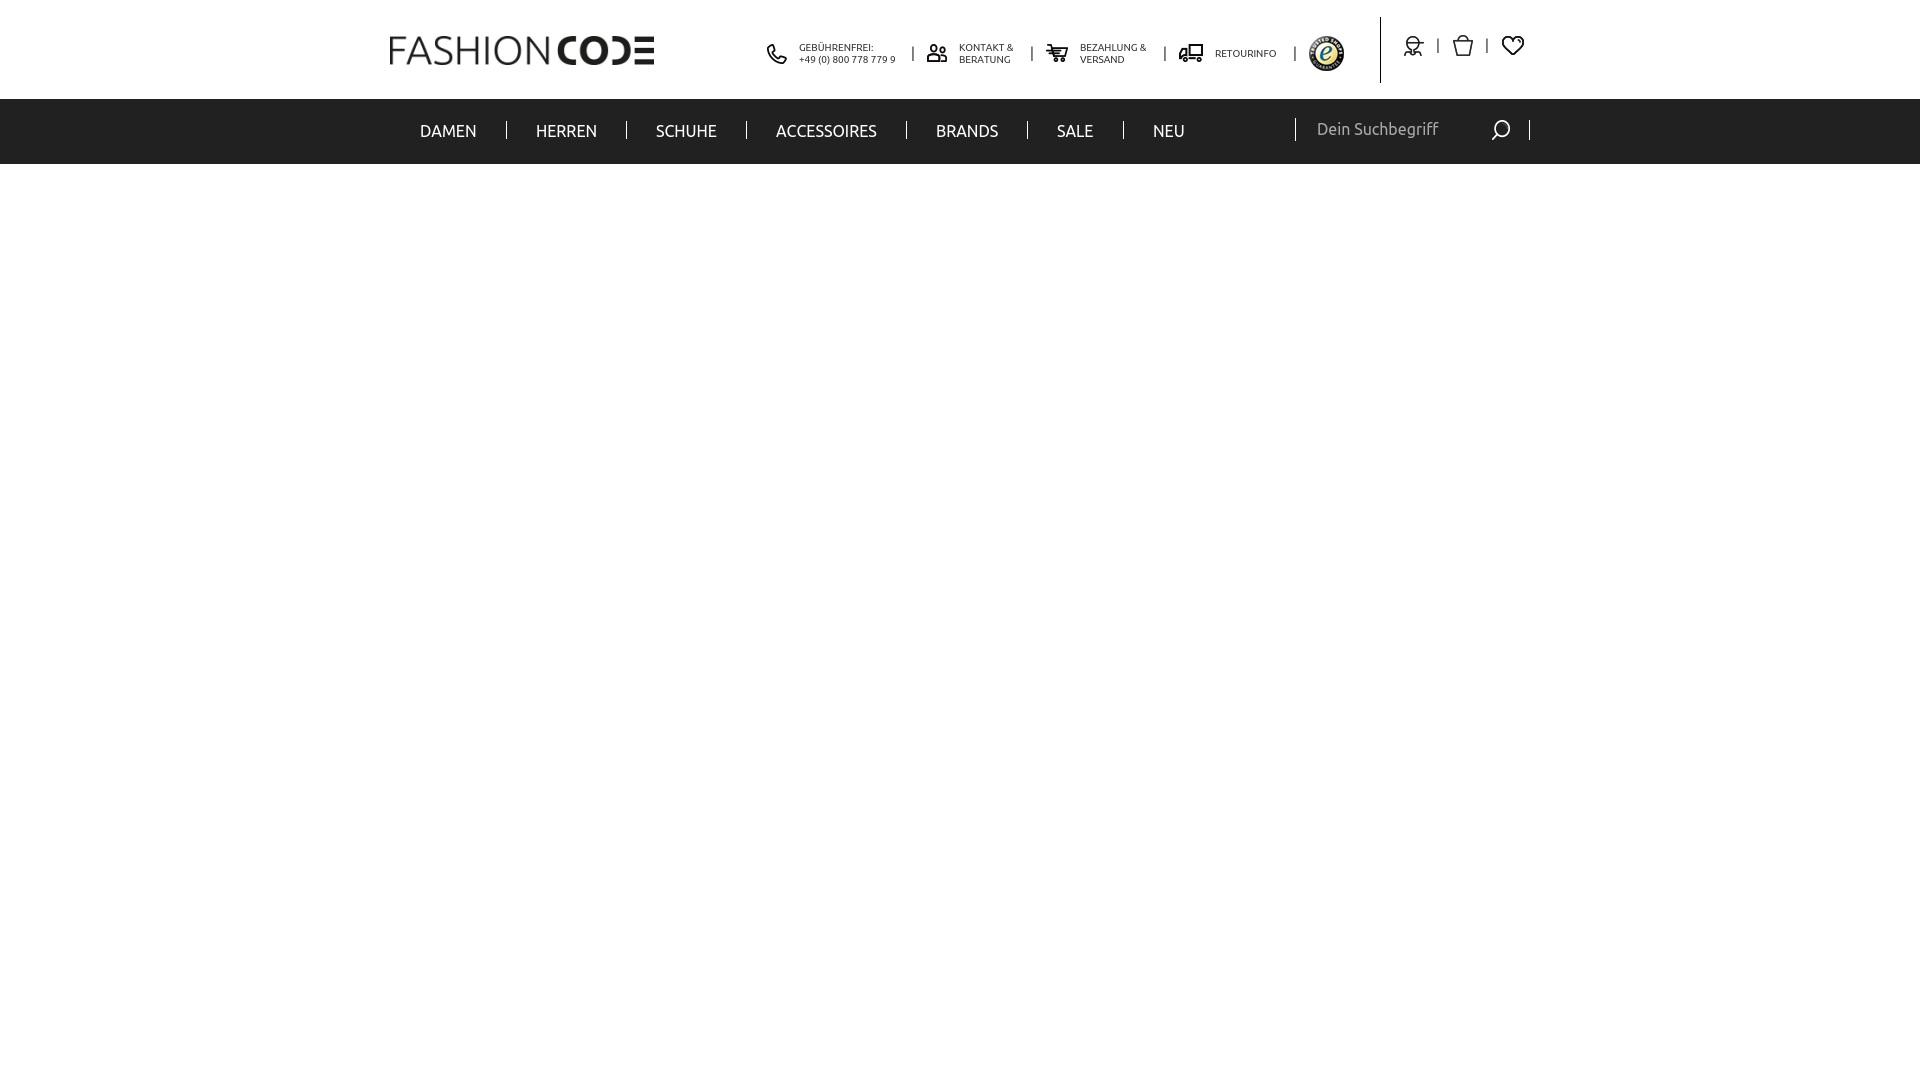 Geld zurück bei Fashioncode: Jetzt im Mai 2021 Cashback für Fashioncode sichern